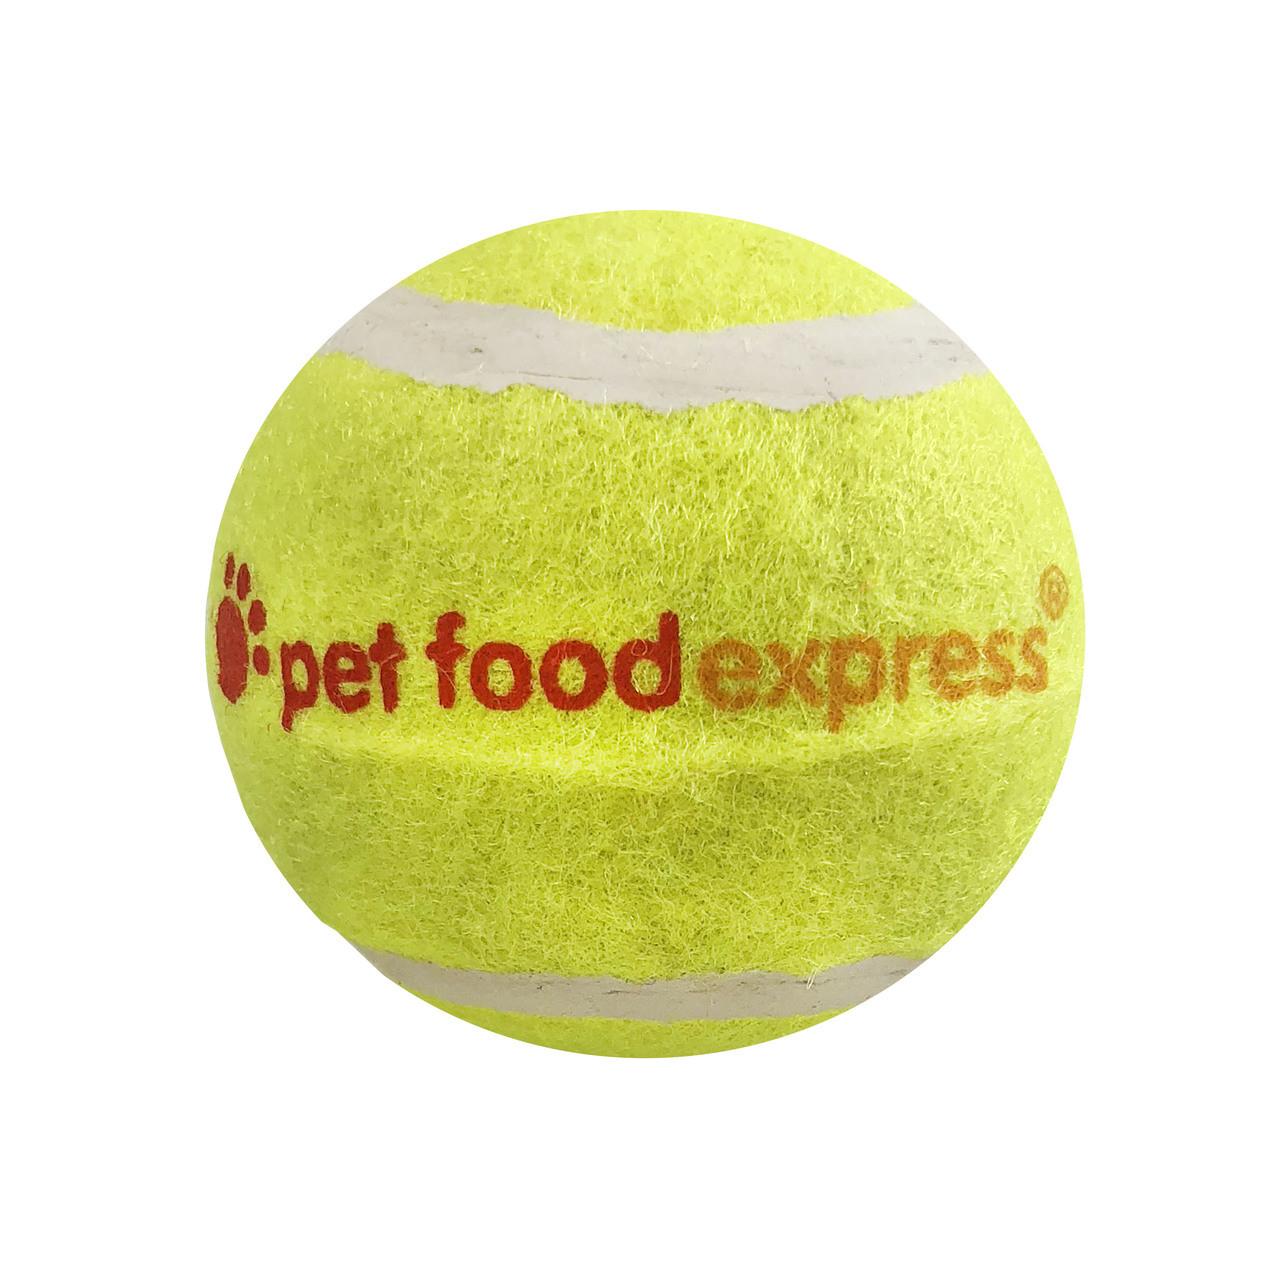 Pet Food Express Tennis Balls